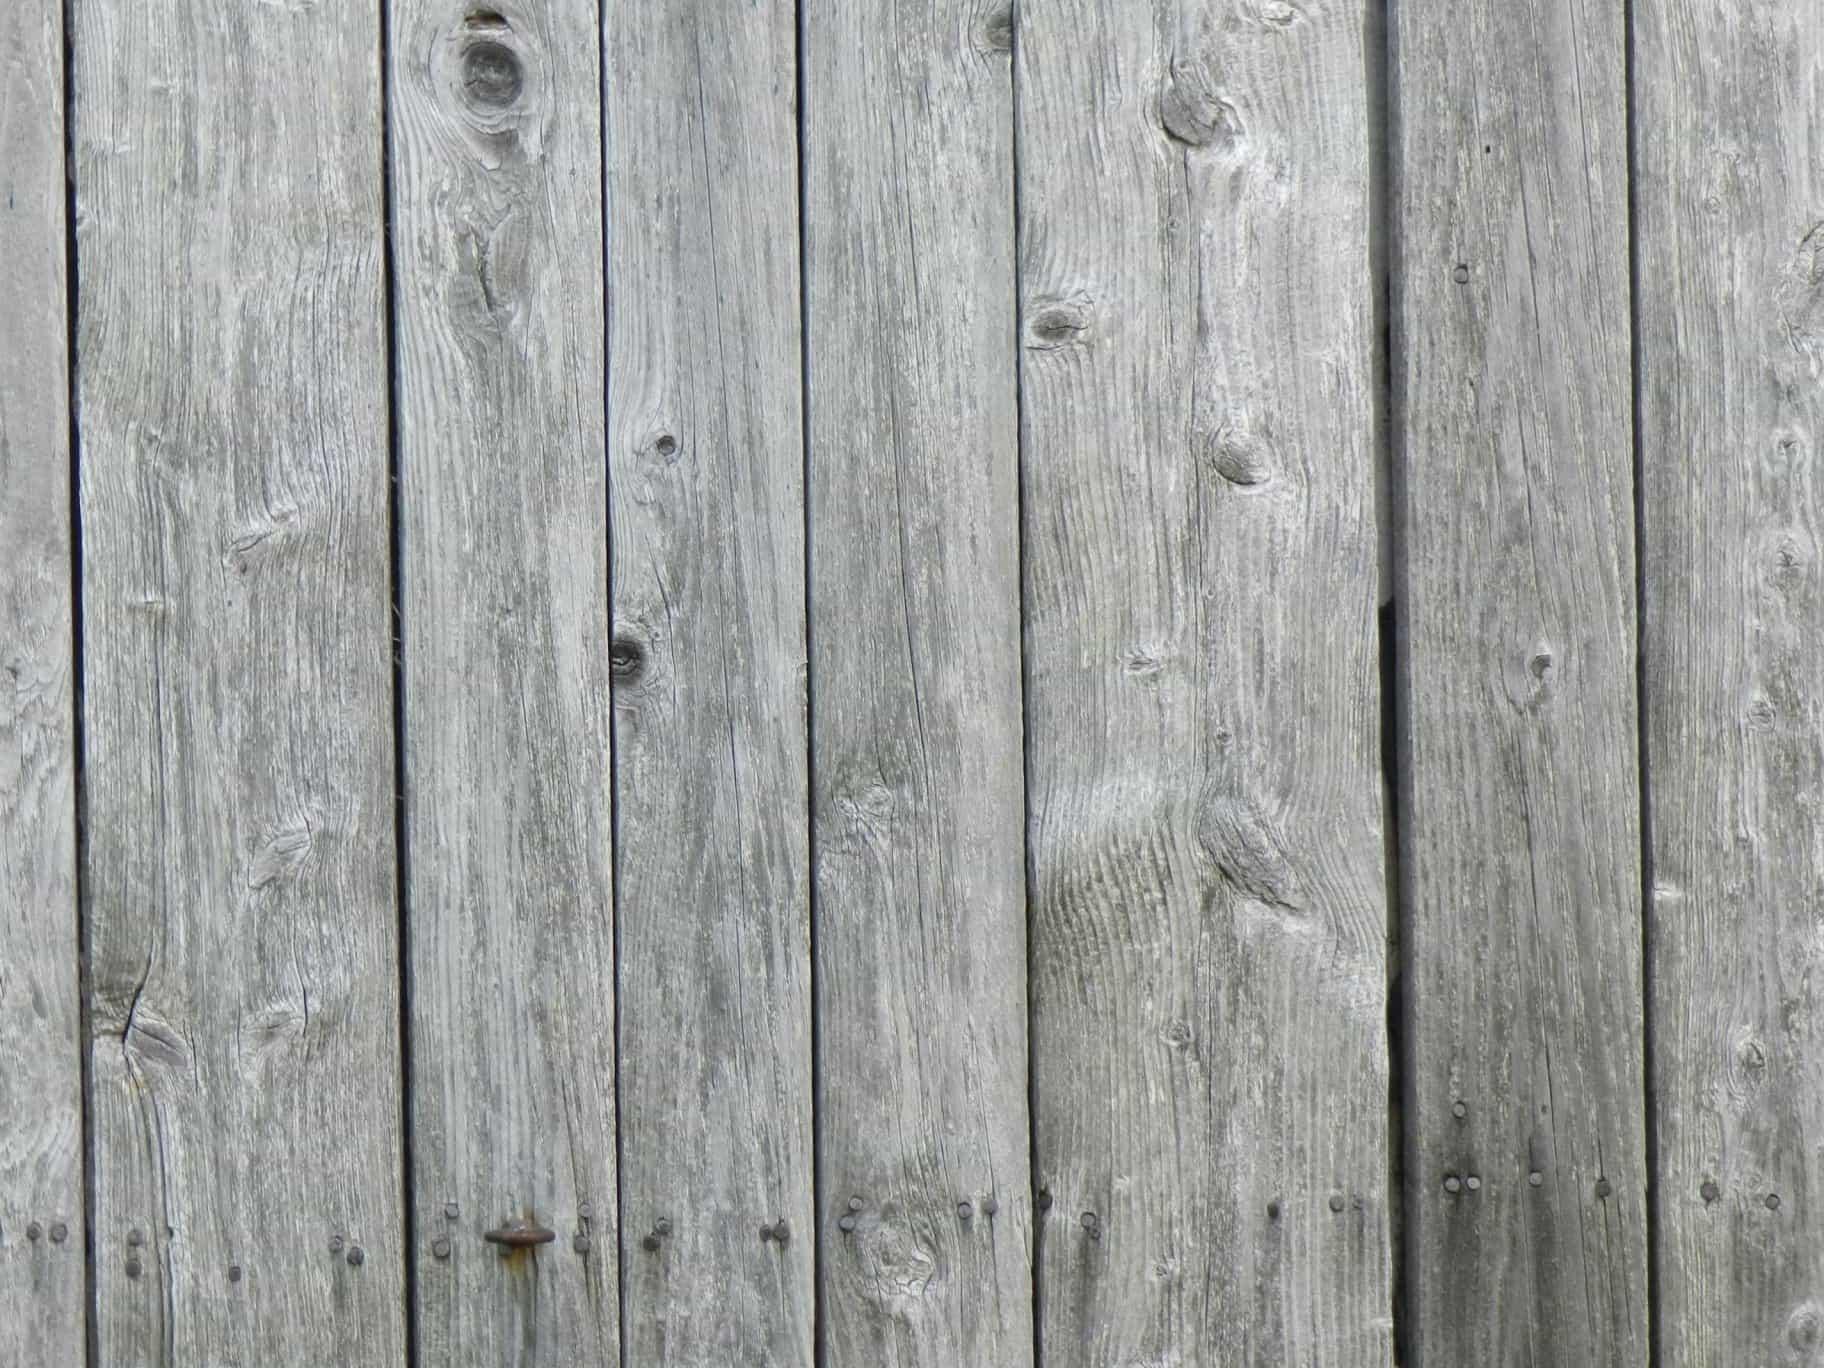 Image libre plancher bois franc surface vieille mur rugueux gris en bois